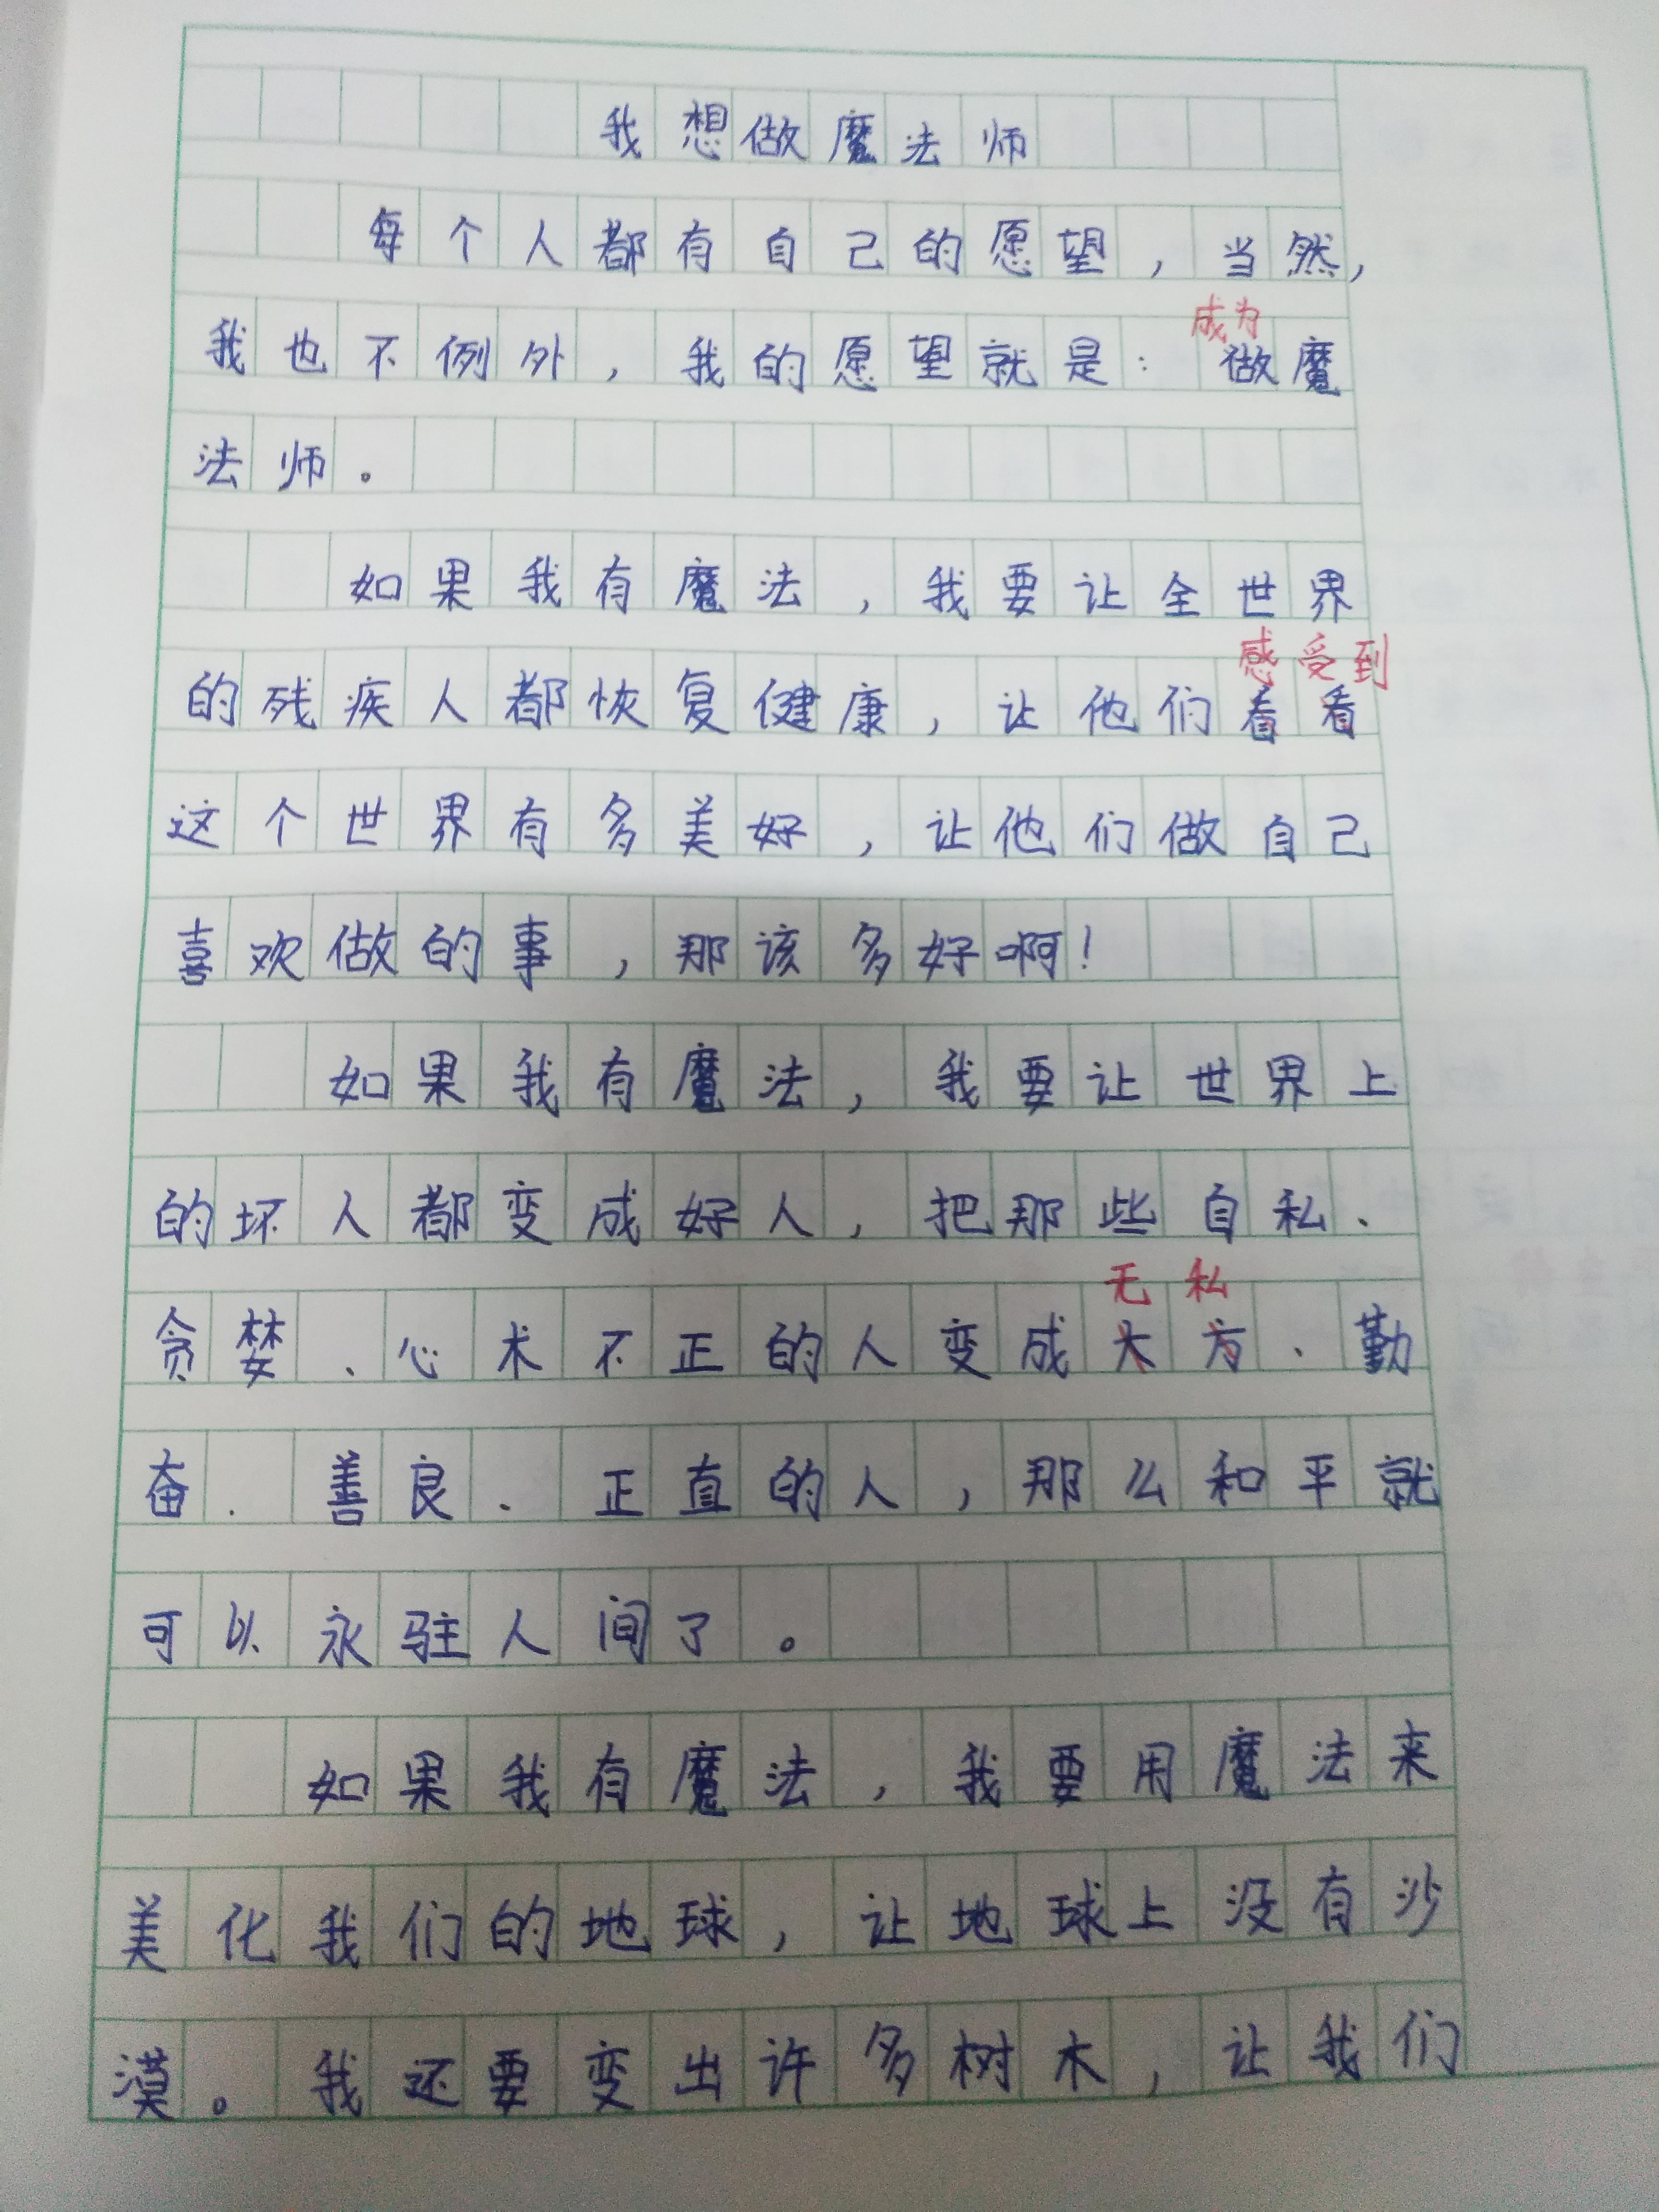 用欣赏的眼光看 作文_用发展的眼光看问题作文_用发展的眼光看中国阅读答案